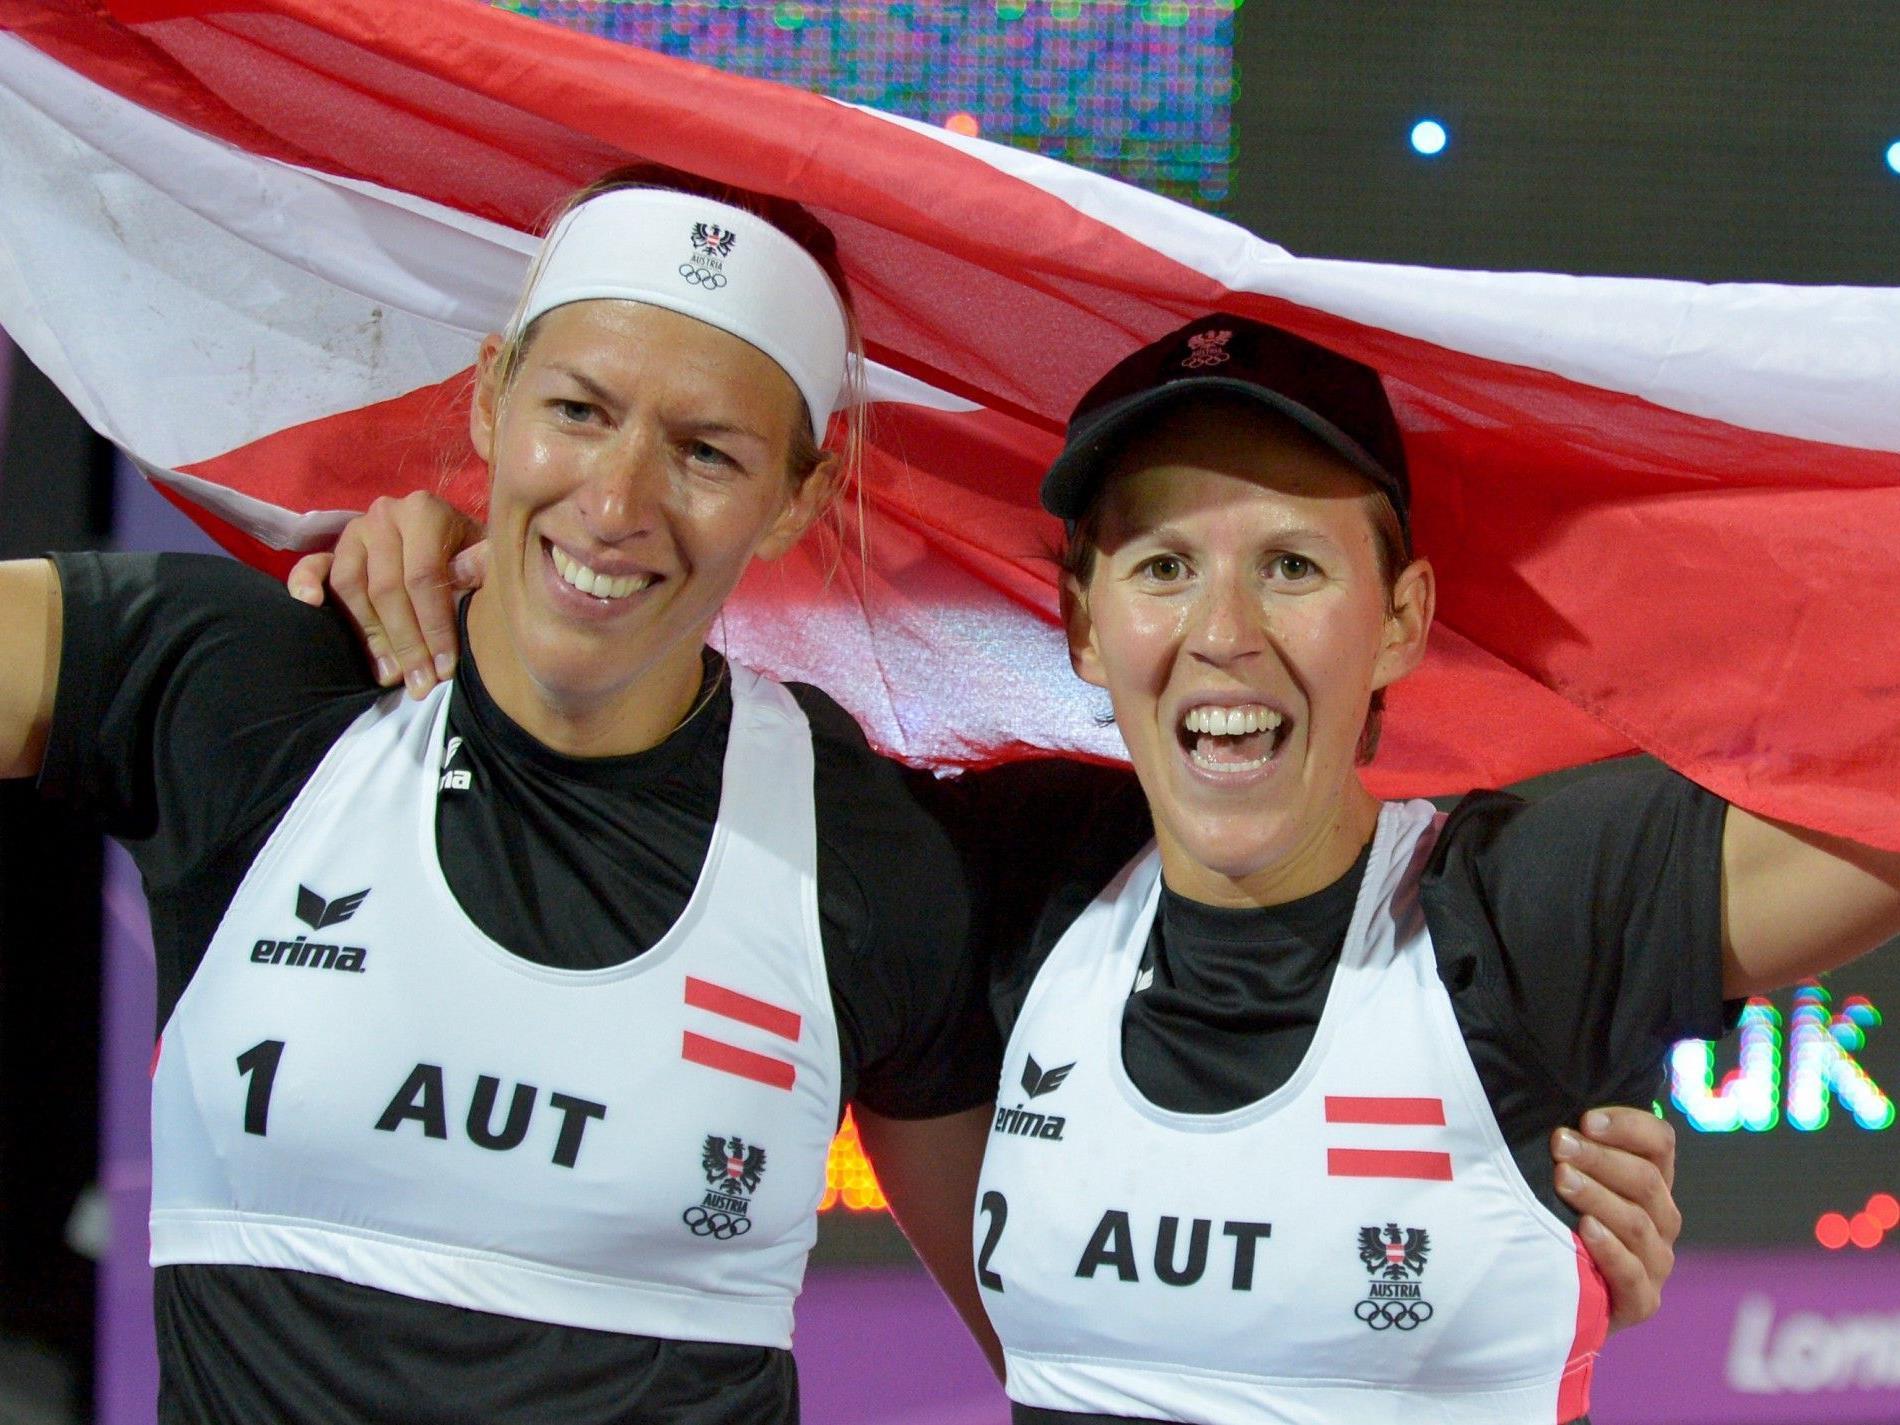 Doris und Stefanie Schwaiger lieferten im Beachvolleyball eines der Top-Ergebnisse für Österreich.